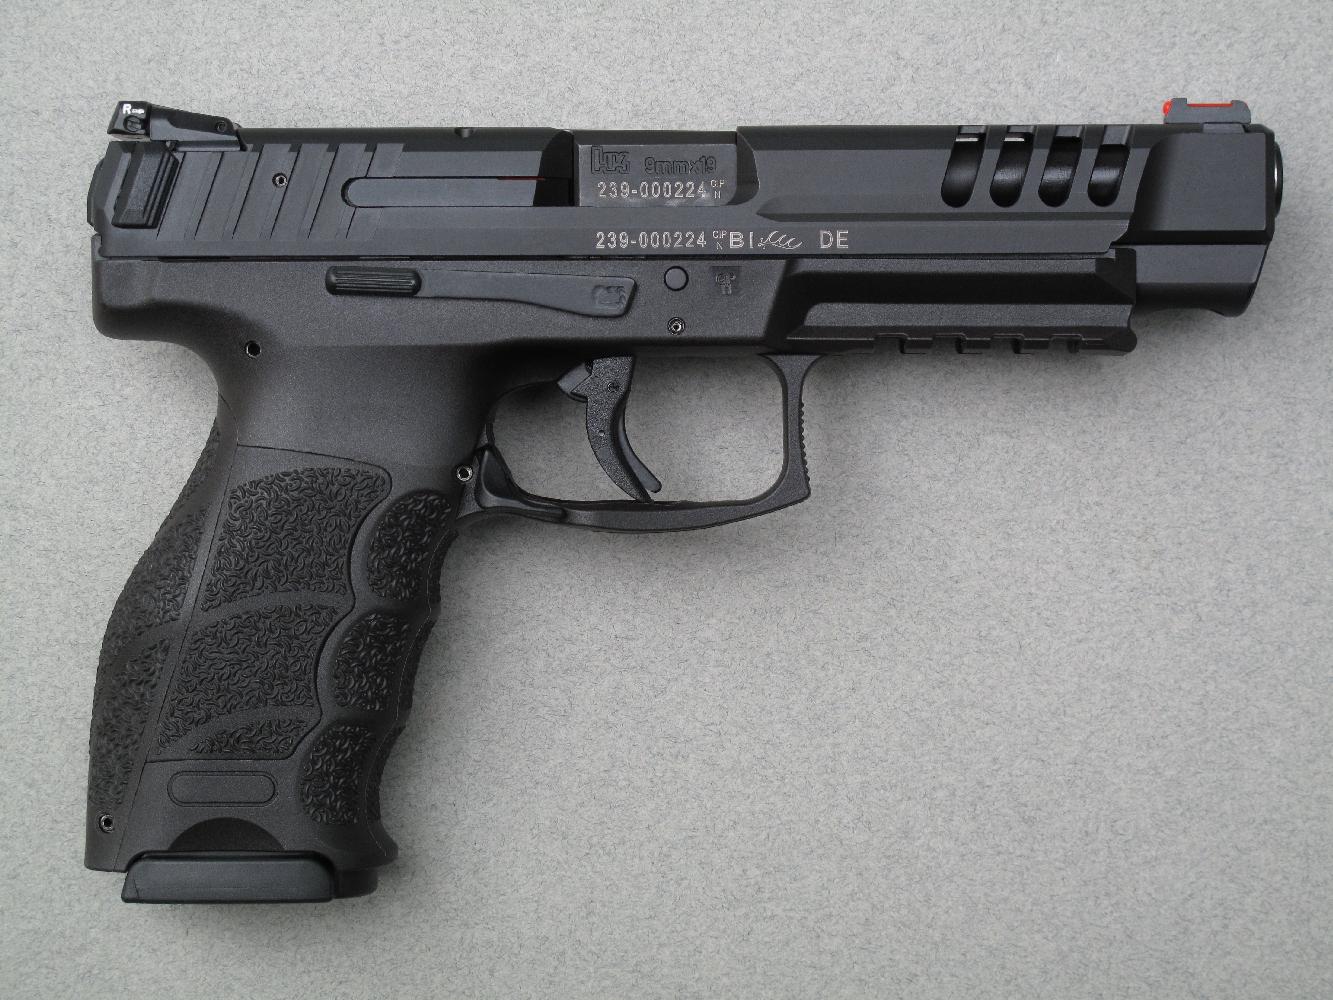 Ce pistolet dispose, outre les divers équipements que réclament les tireurs sportifs exigeants, d'une glissière ventilée pour améliorer le refroidissement du canon et de deux oreilles de préhension pour faciliter l'armement.